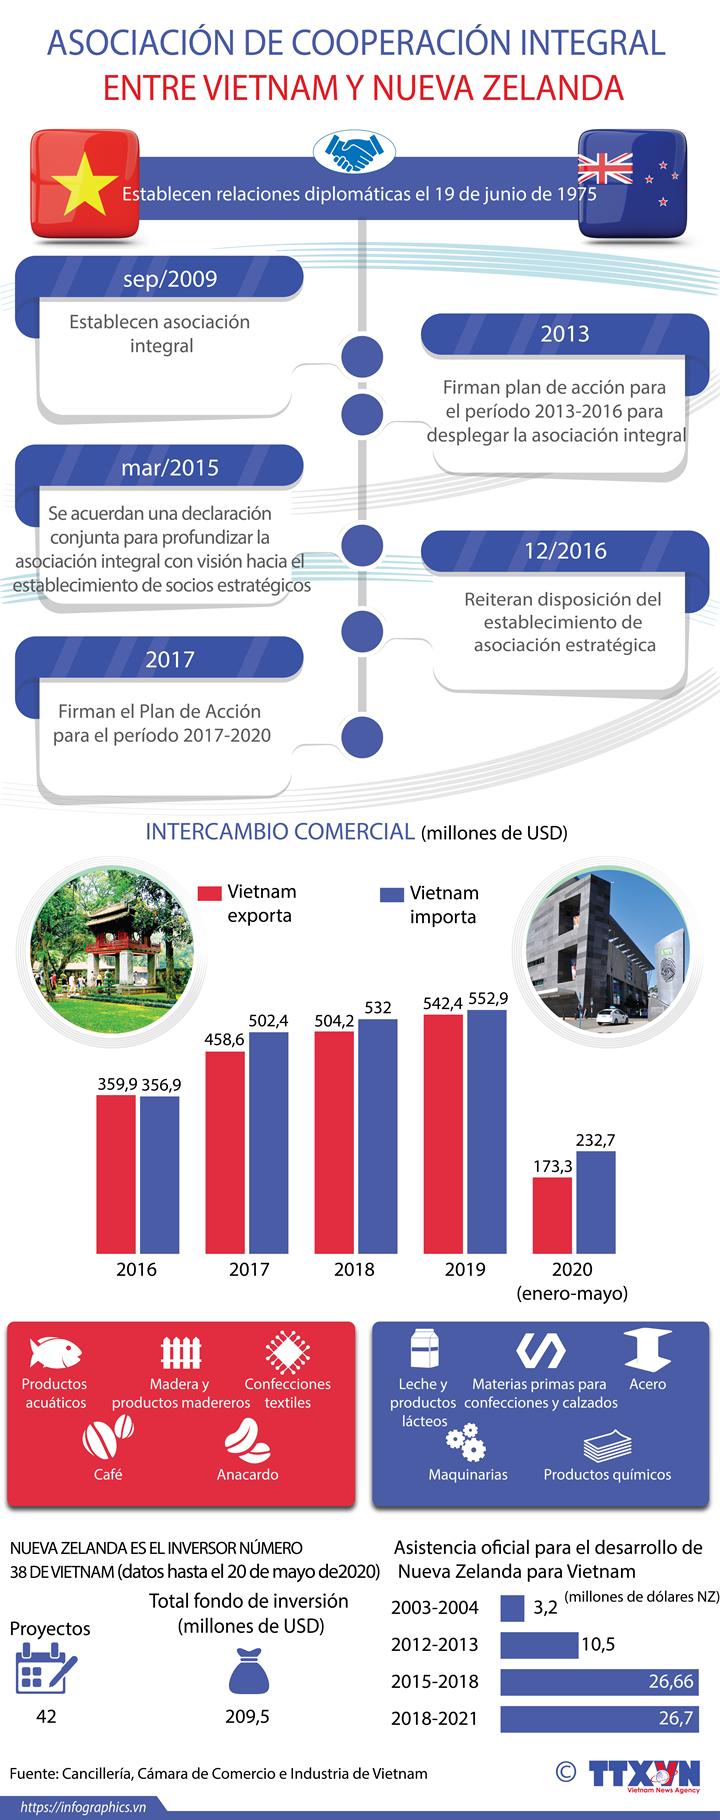 Asociación integral entre Vietnam y Nueva Zelanda